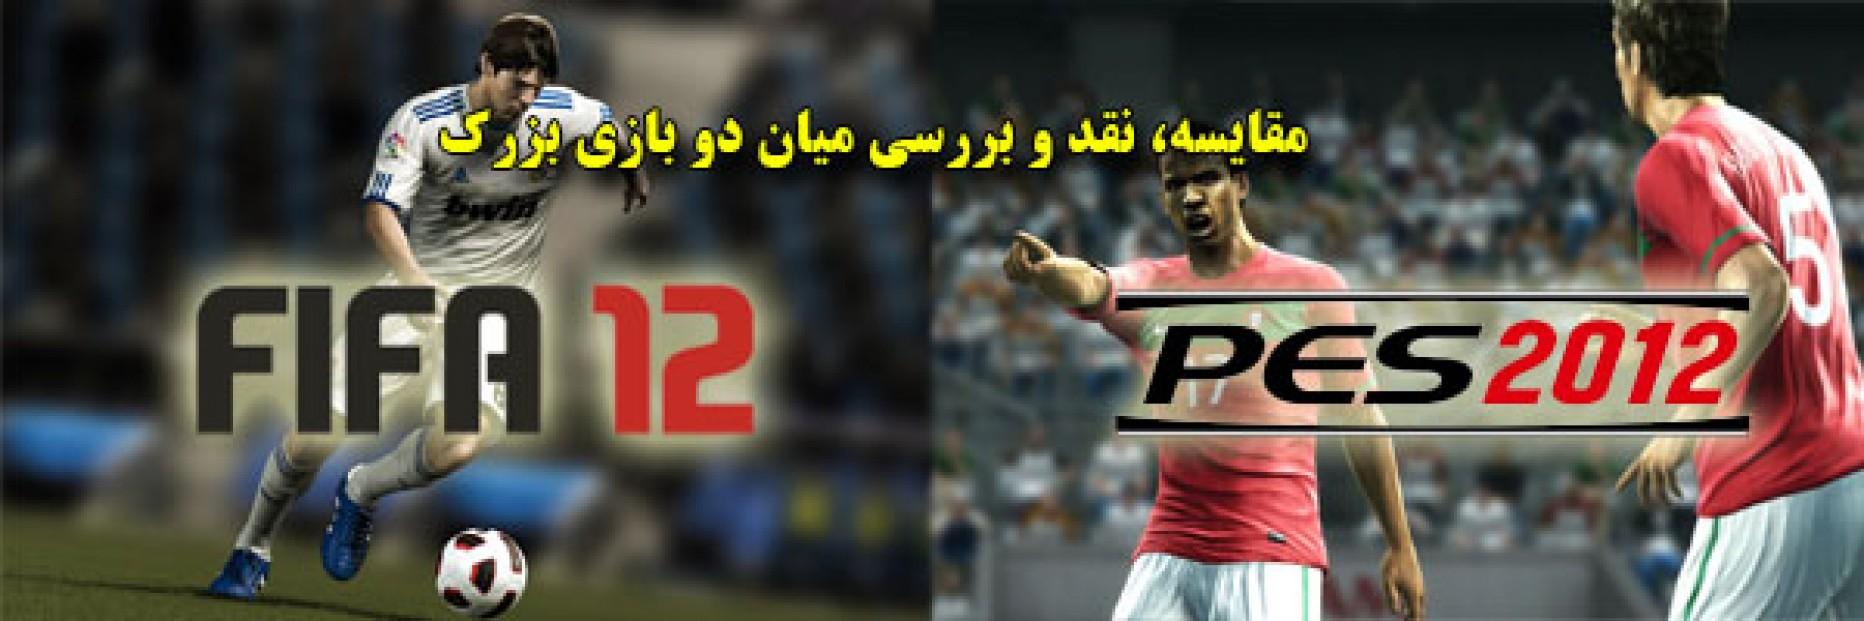 مقایسه، نقد و بررسی دو بازی PES 2012 و FIFA 12